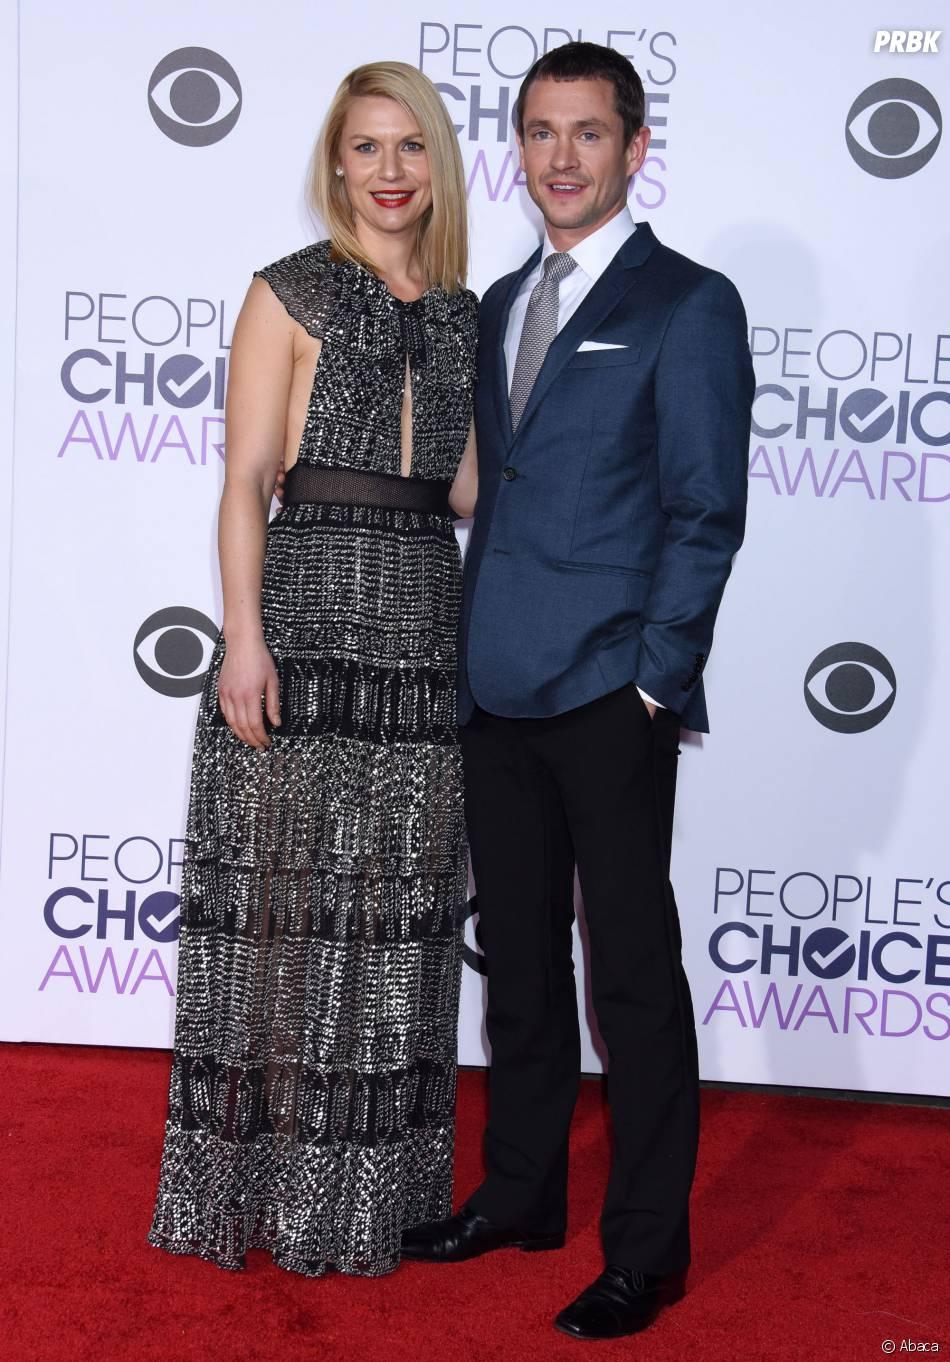 People's Choice Awards 2016 : Claire Danes et Hugh Dancy sur le tapis rouge le 6 janvier